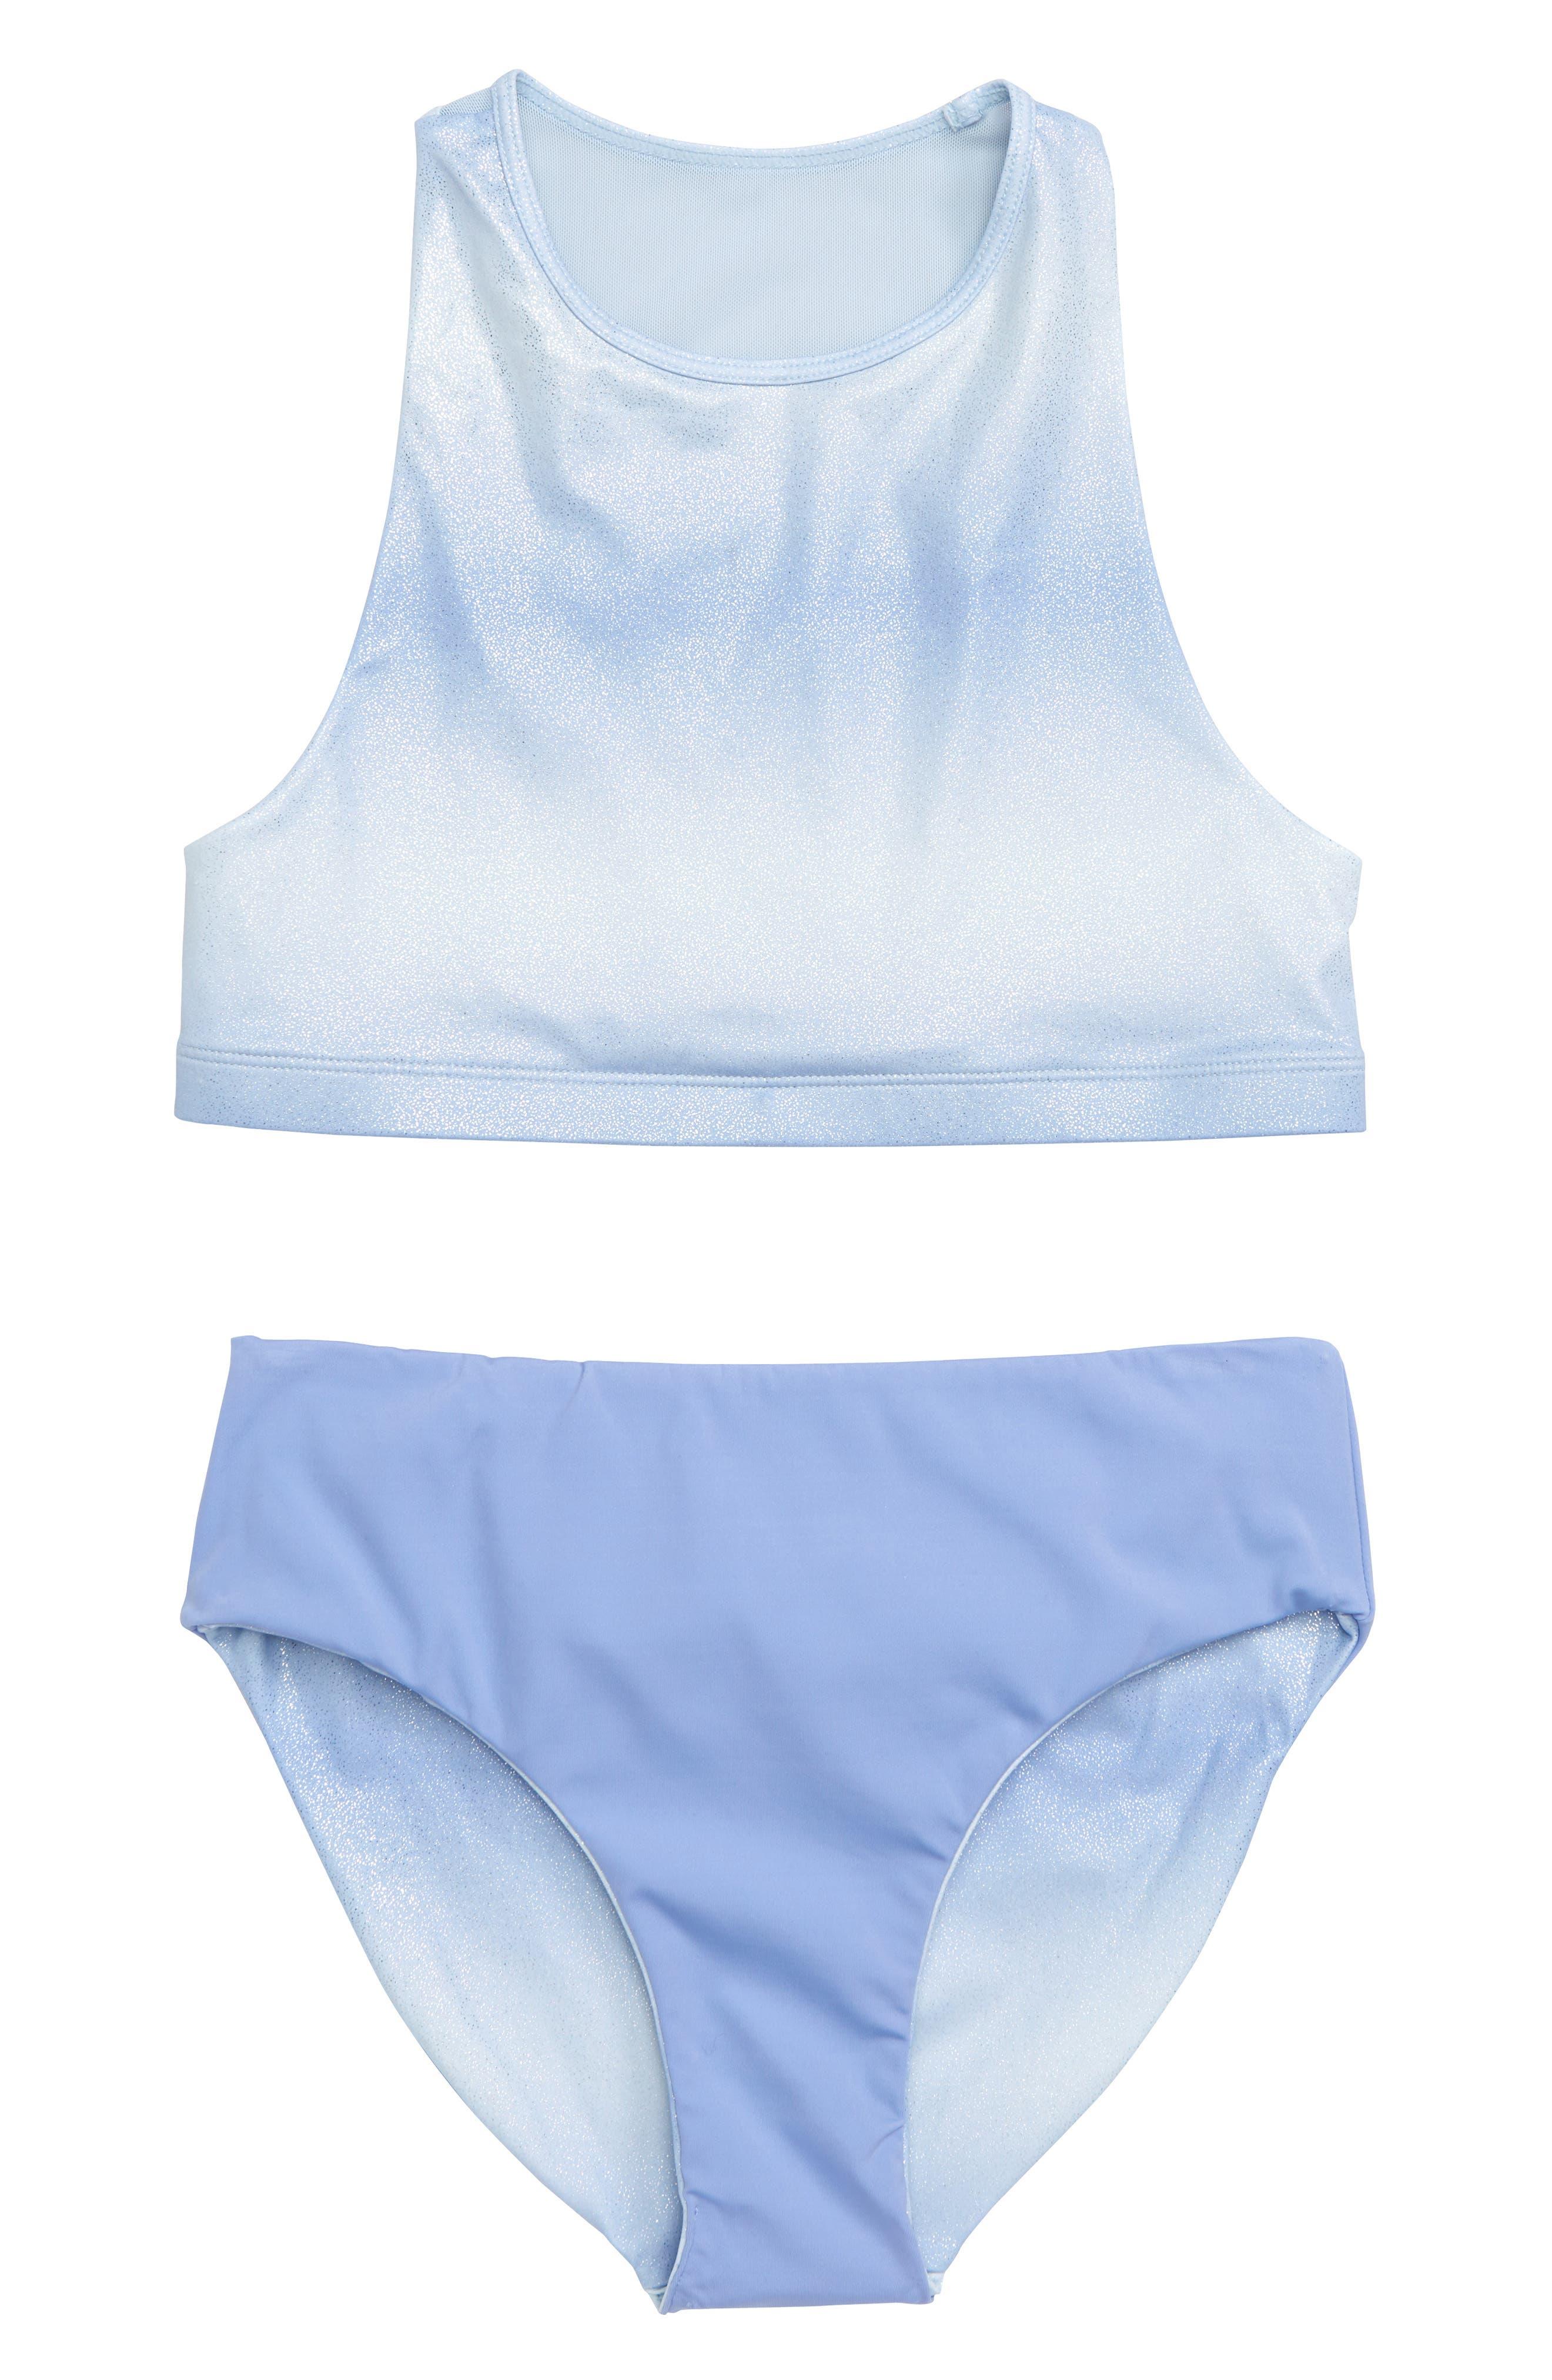 Two-Piece Racerback Swimsuit,                             Alternate thumbnail 2, color,                             BLUE HAZE OMBRE